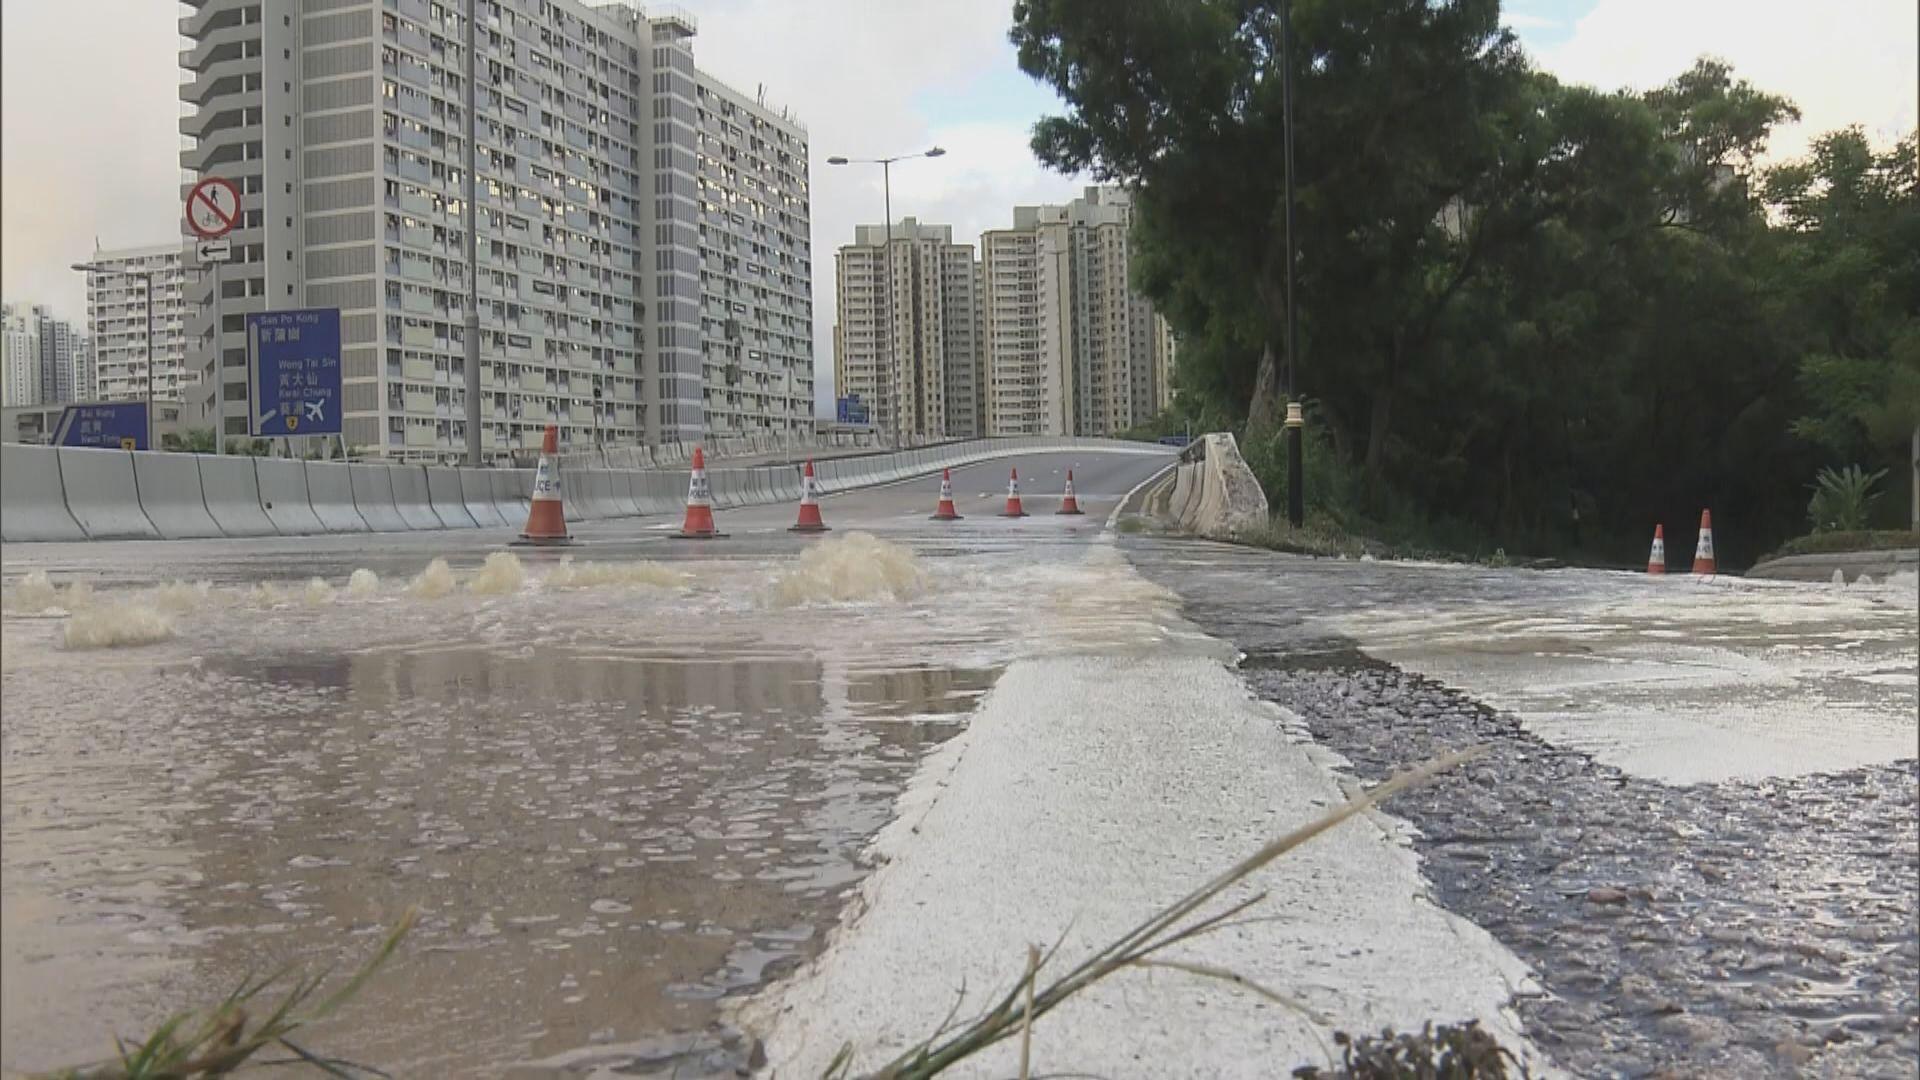 黃大仙斧山道爆鹹水管封路